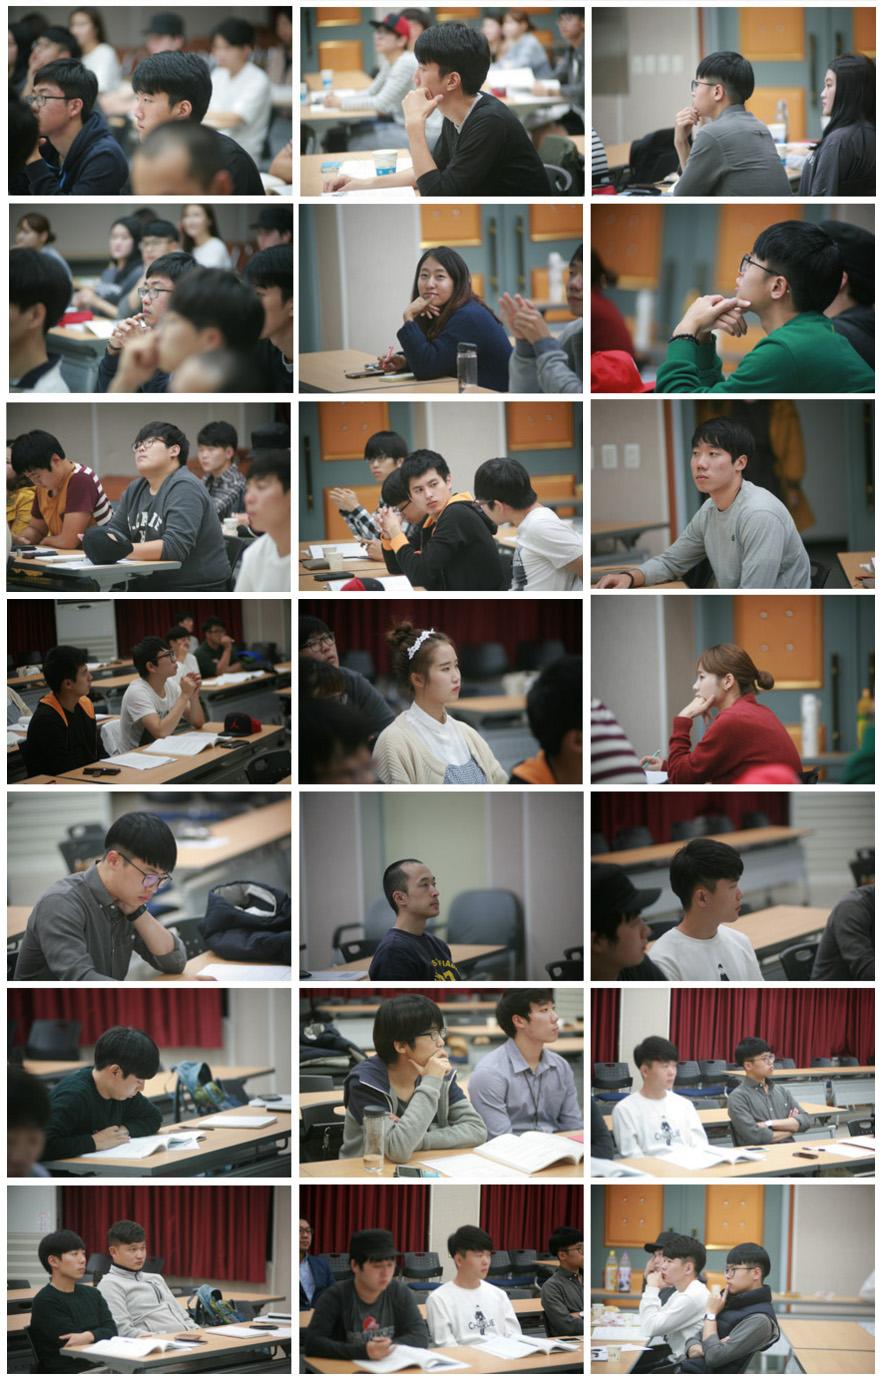 이미지_학생들01.jpg